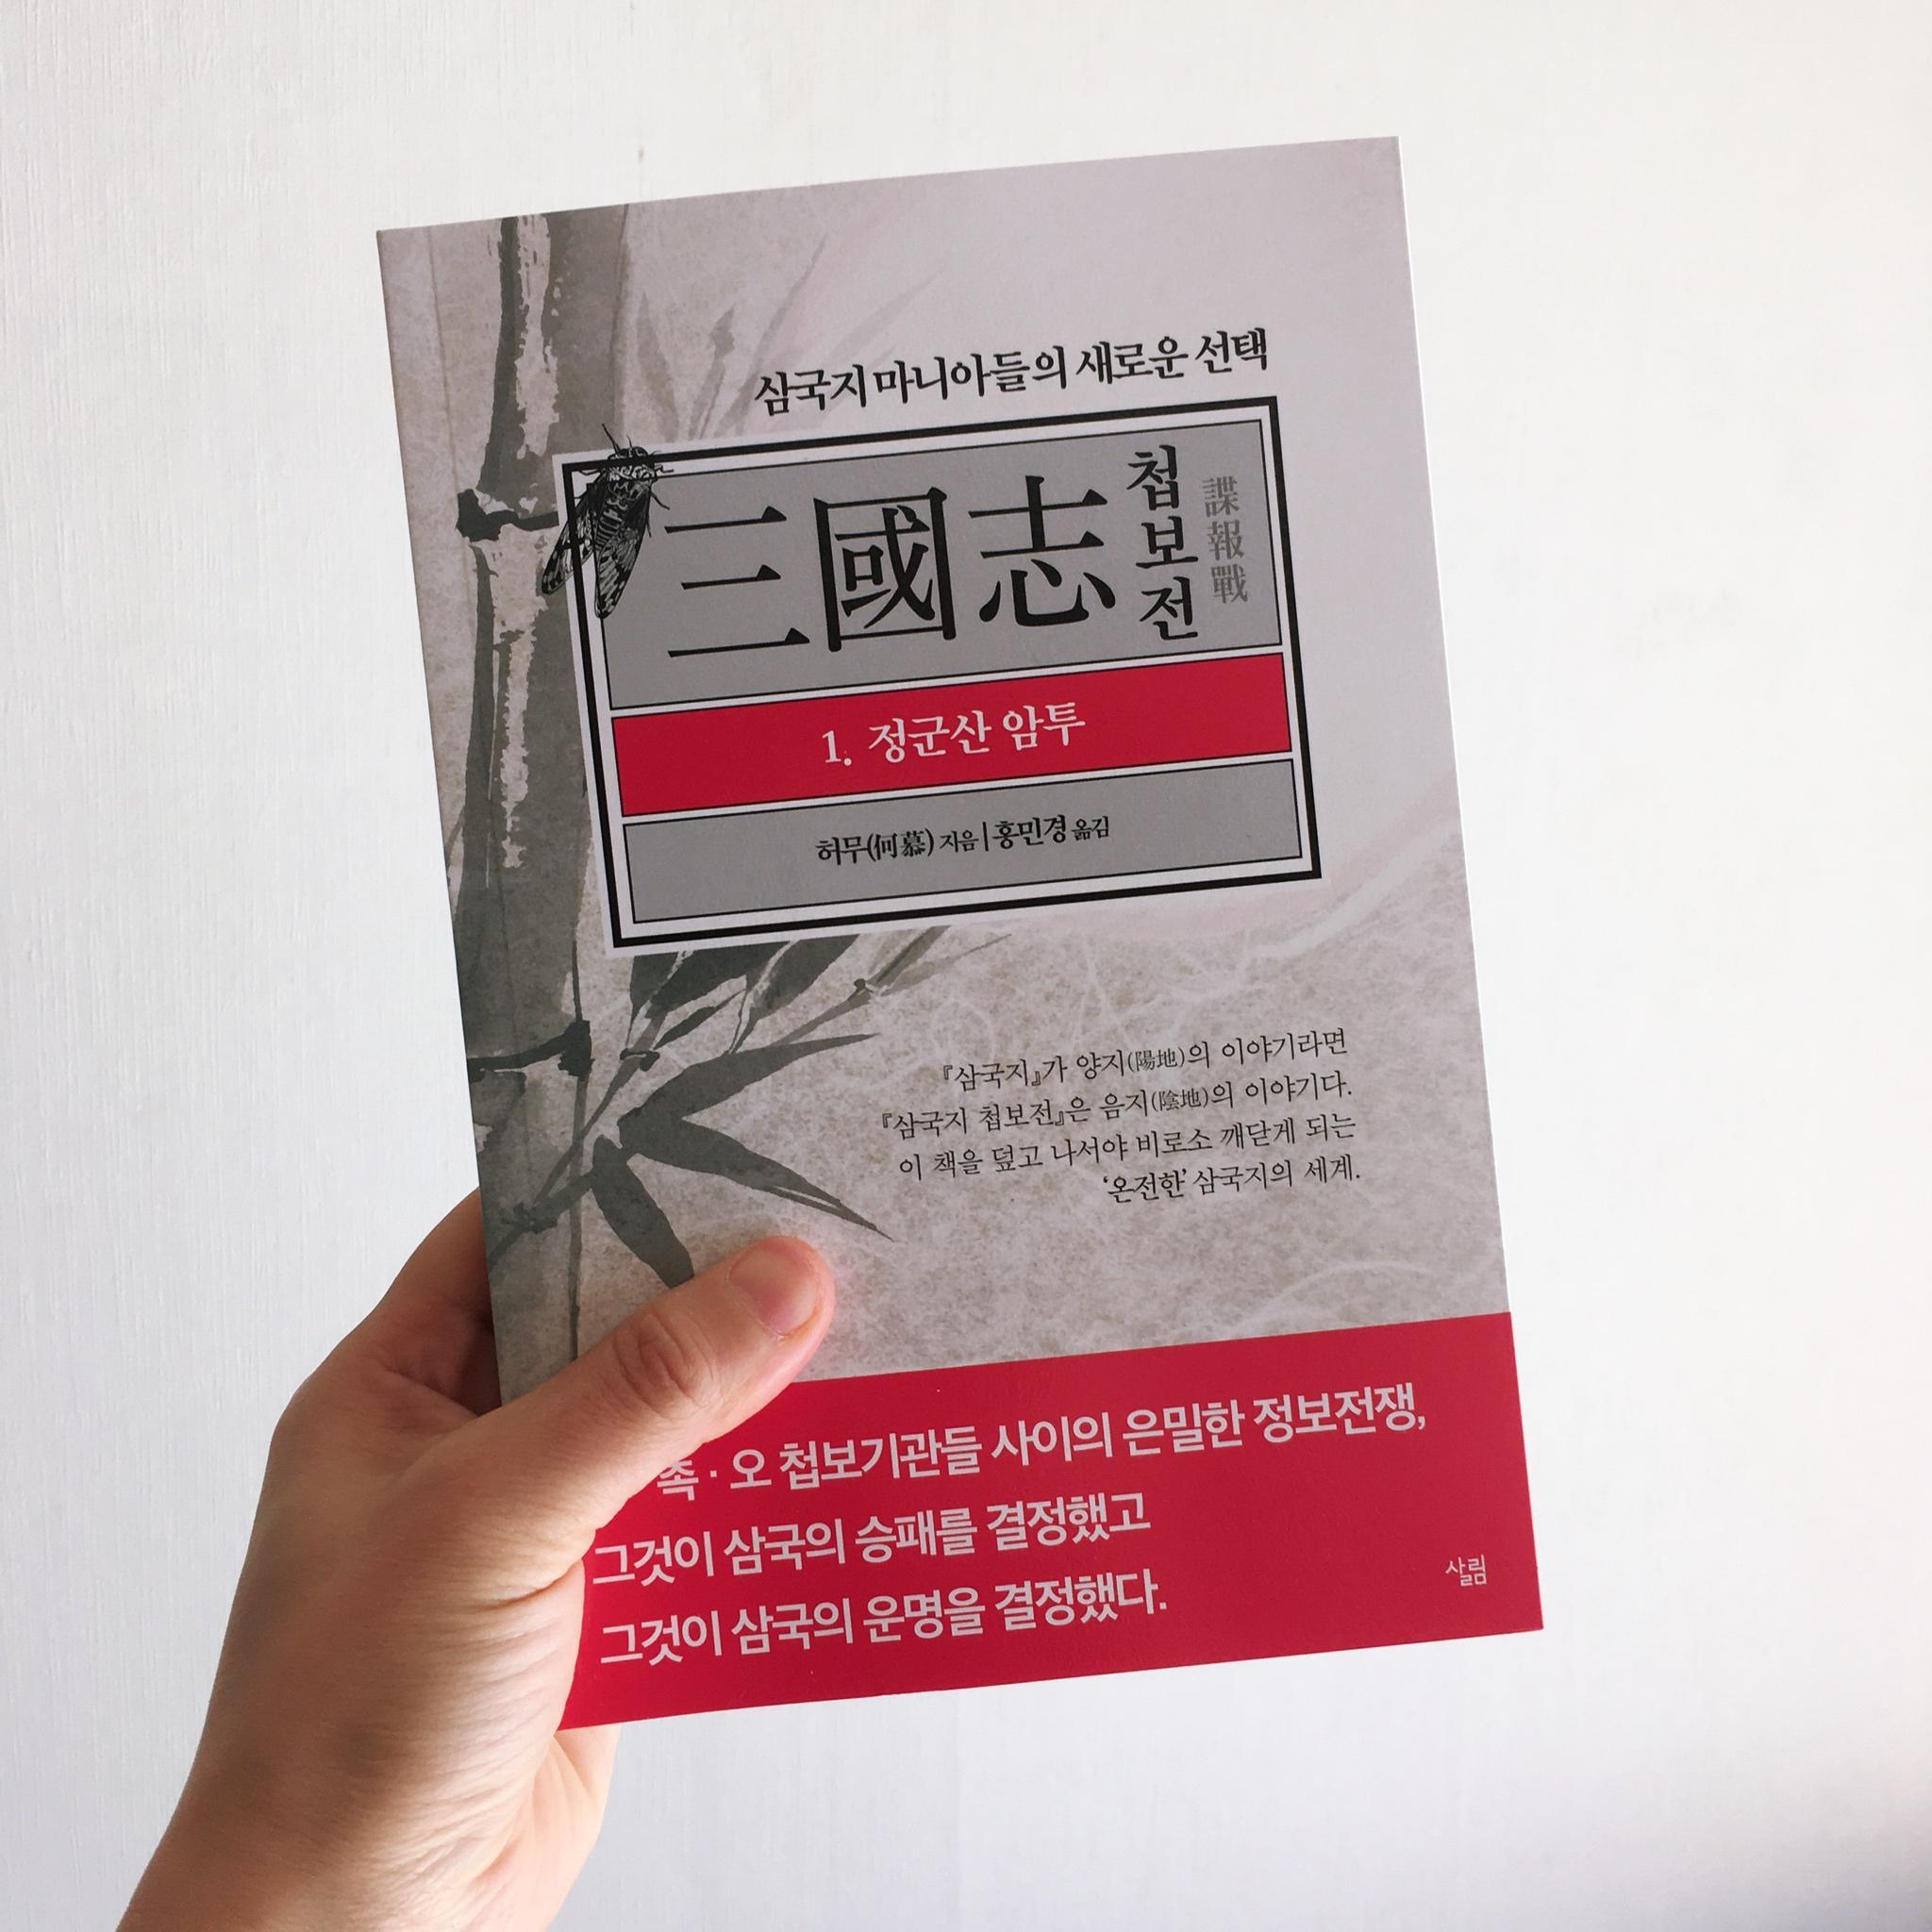 [북 리뷰] 삼국지 첩보전 1.정군산 암투. 허무 지음. 홍민경 옮김. 살림출판사. (2020)